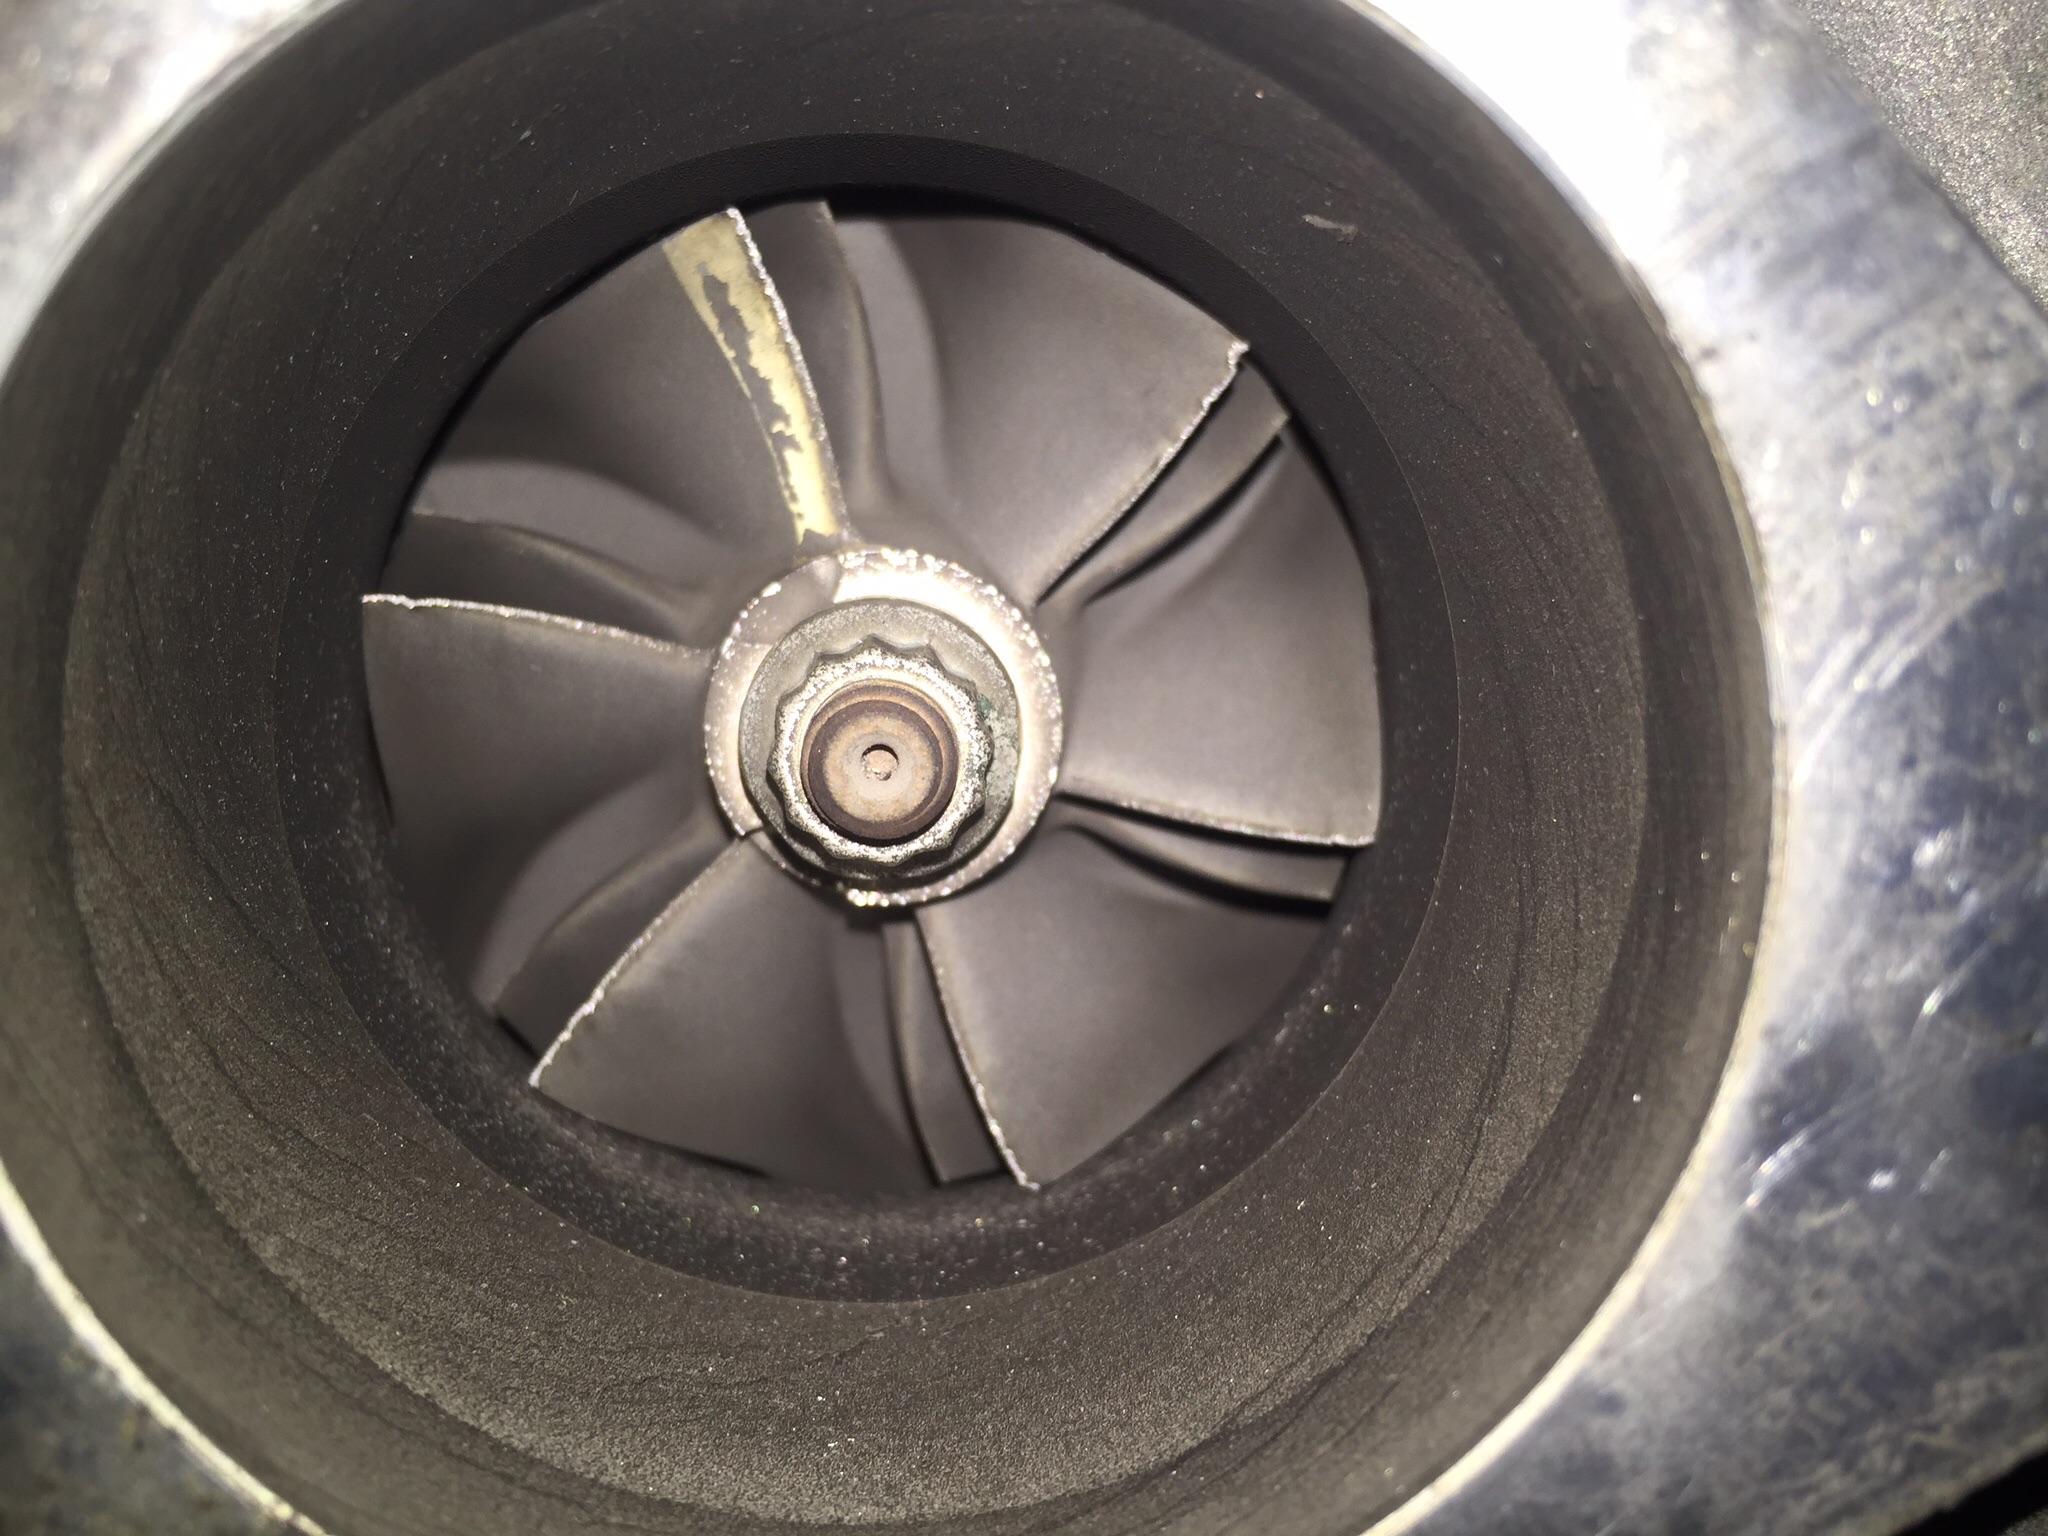 Bad Turbo?-image_1447470409744.jpg